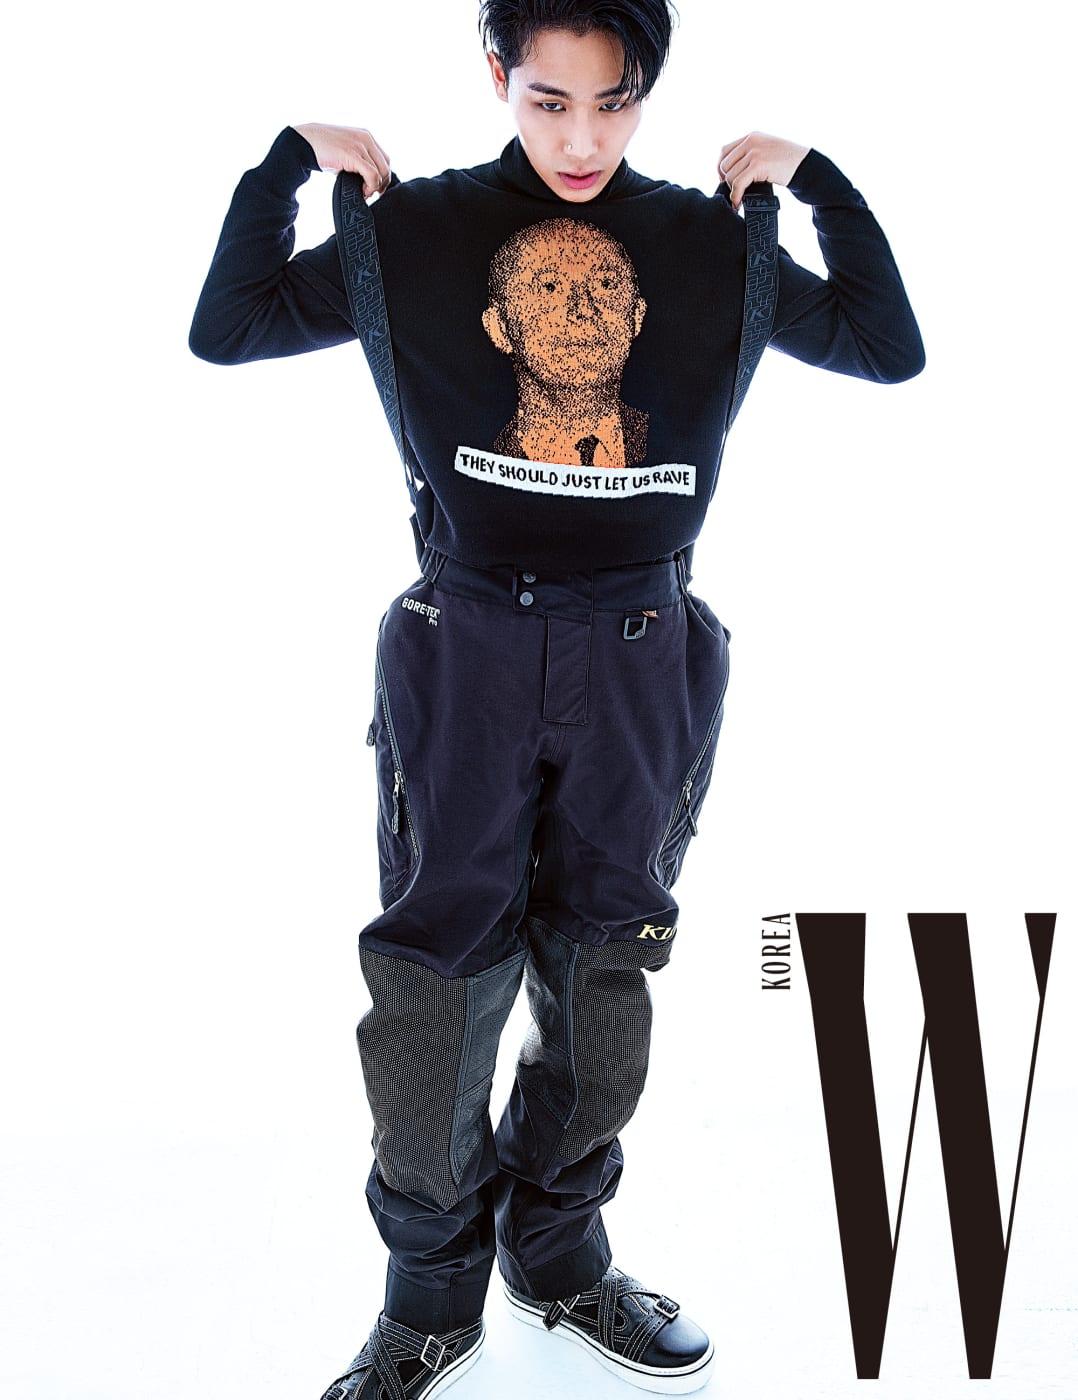 무슈 디올 포트레이트의 스웨터와 슈즈는 디올 옴므, 바이커 팬츠와 서스펜더는 클림 by 세나트레이드 제품.